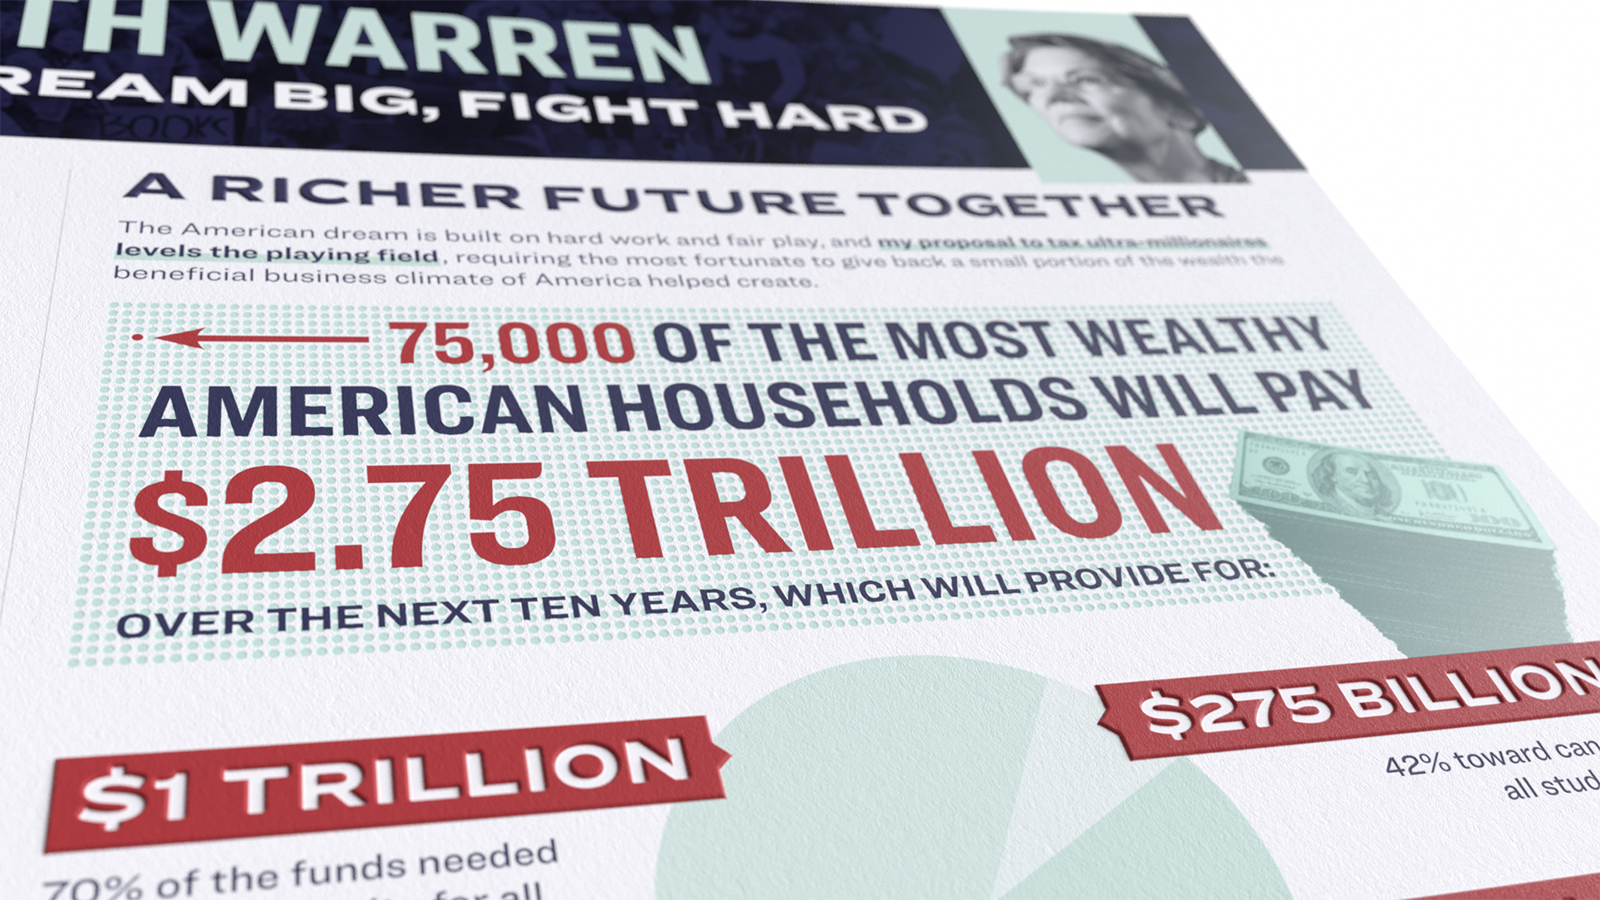 We made Elizabeth Warren a Résumé with Her Campaign's Fonts